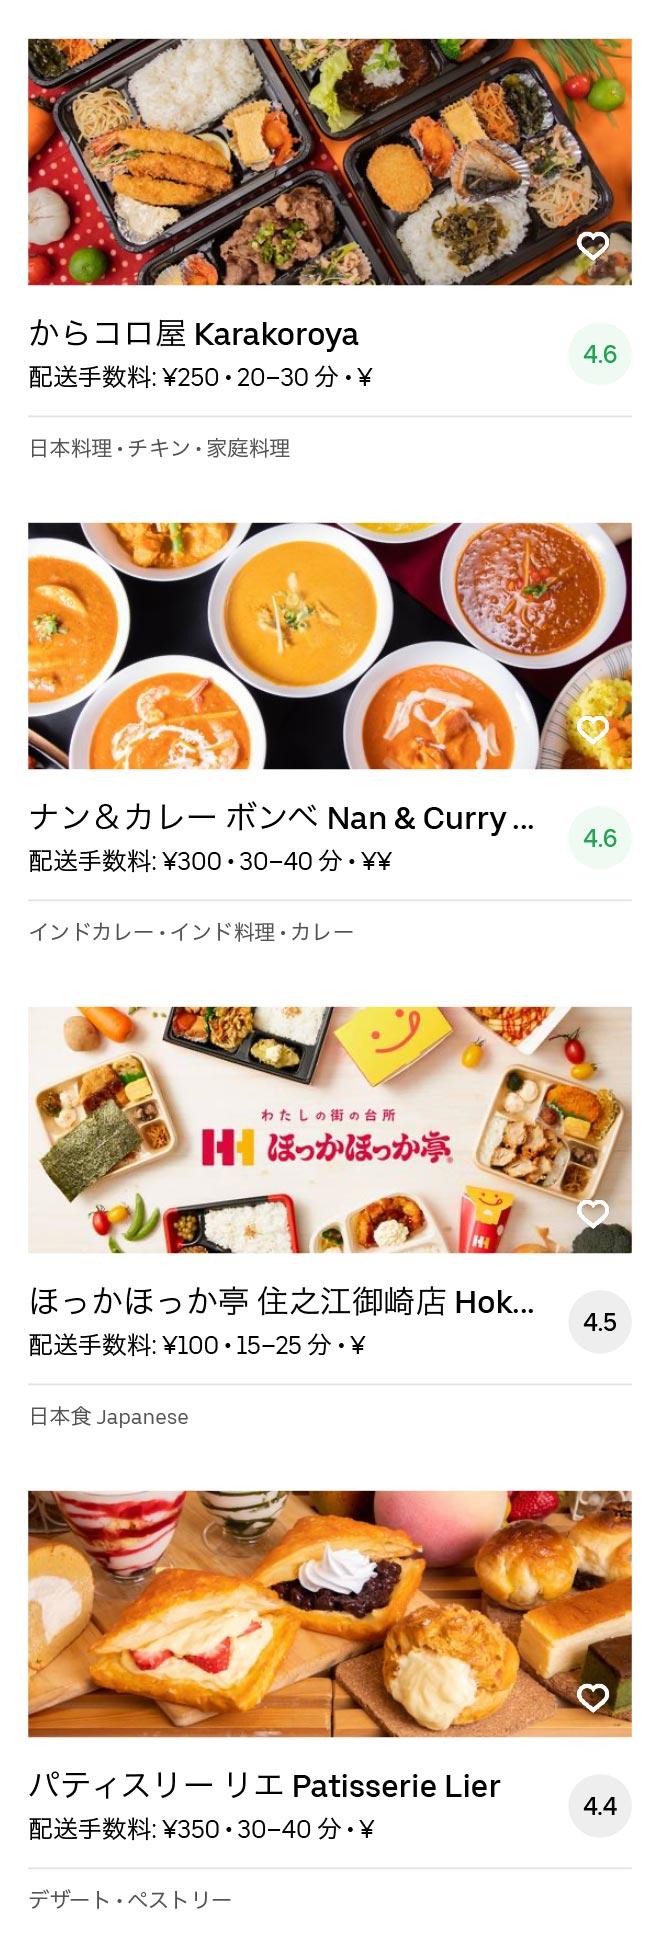 Osaka suminoe menu 2005 03